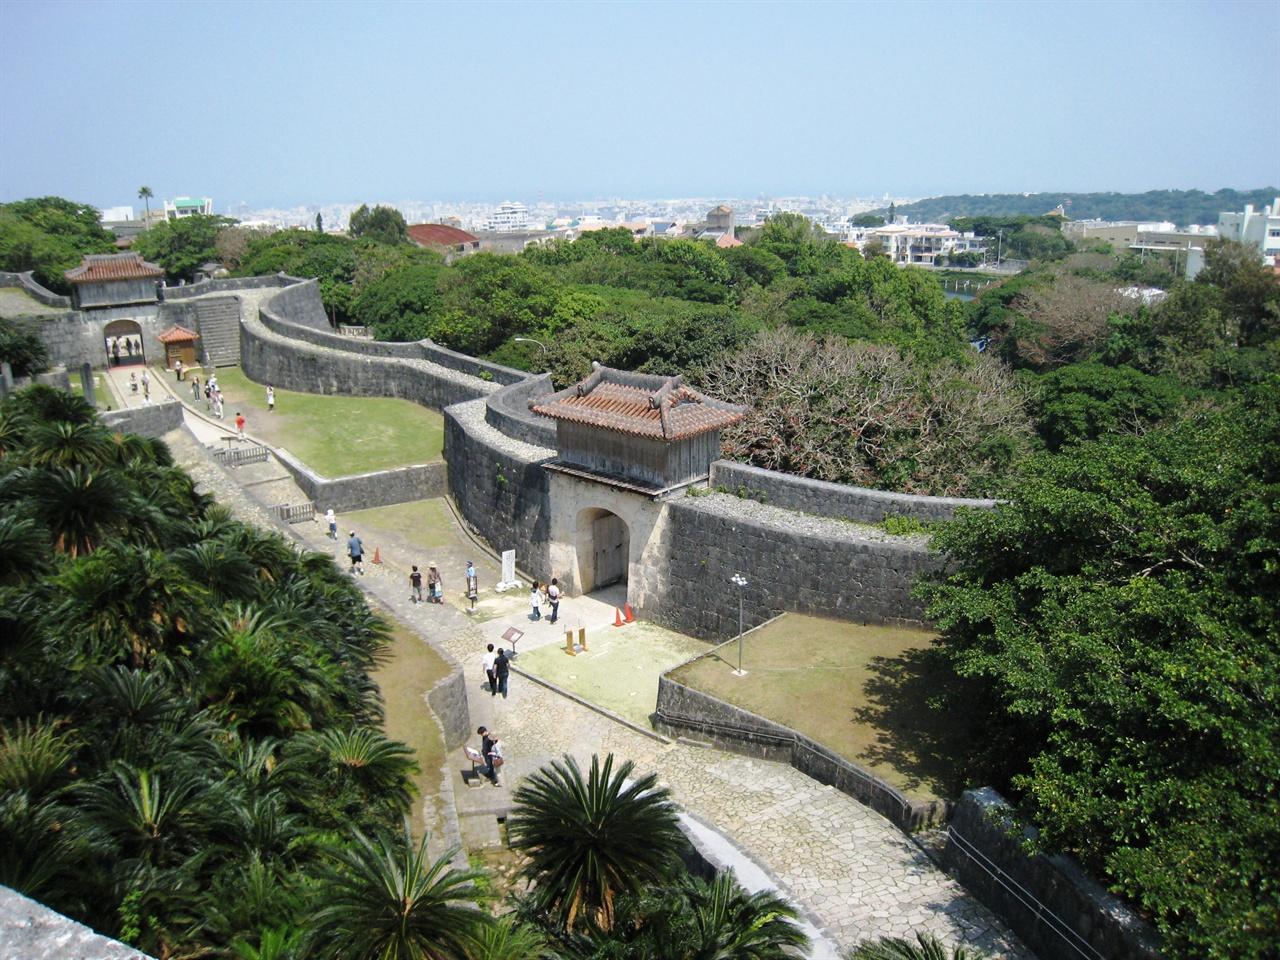 일본과 중국의 건축양식이 결합된 오키나와의 궁성.